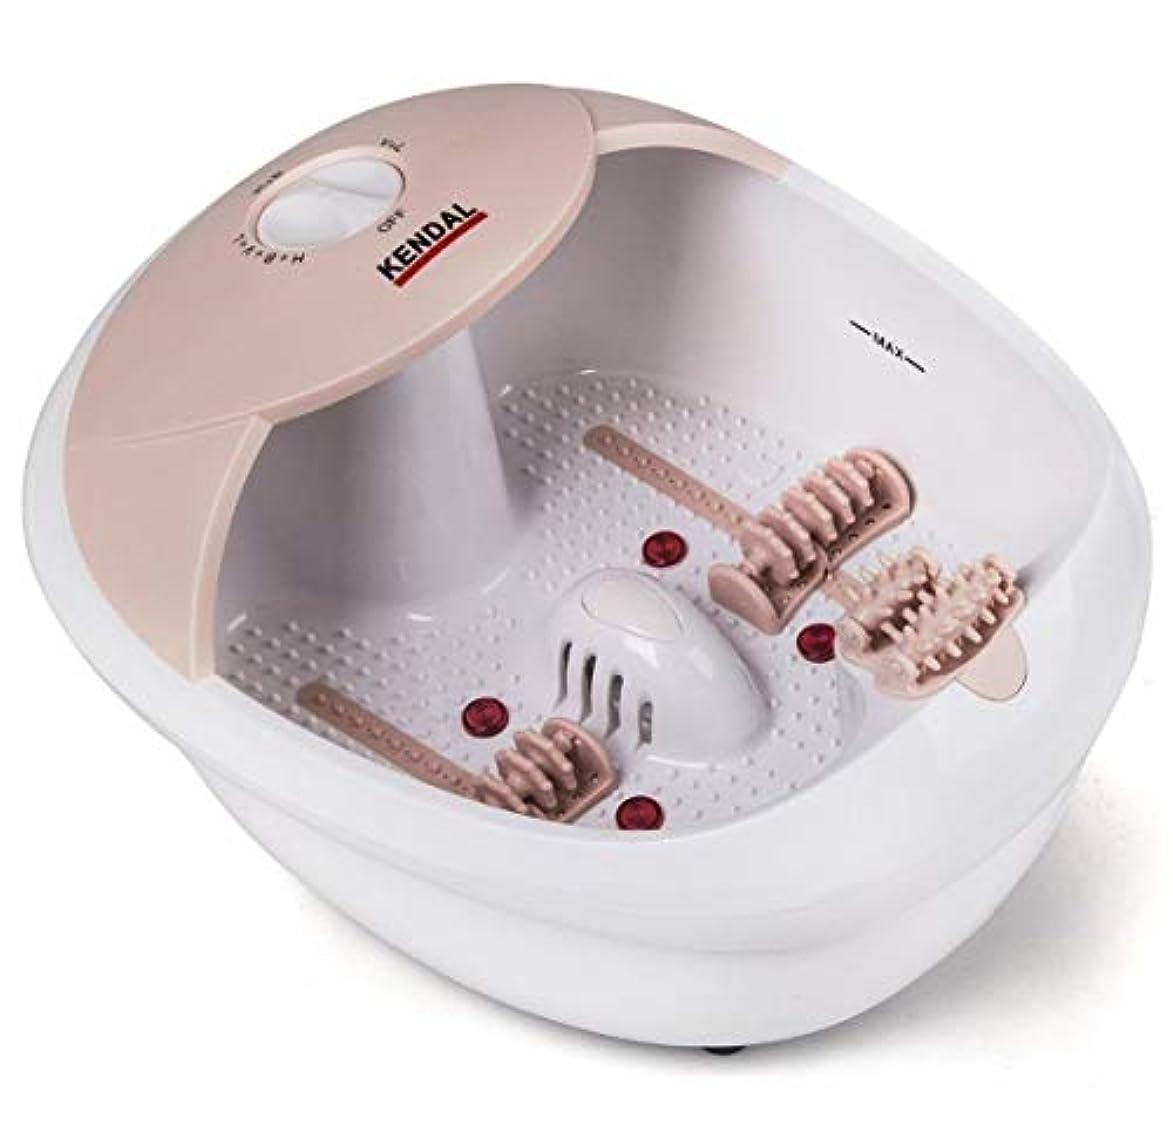 回る合わせて最愛の[Kendal] [フットスパバスマッサージャー All in one foot spa bath massager w/heat, HF vibration, O2 bubbles red light FB10] (並行輸入品)